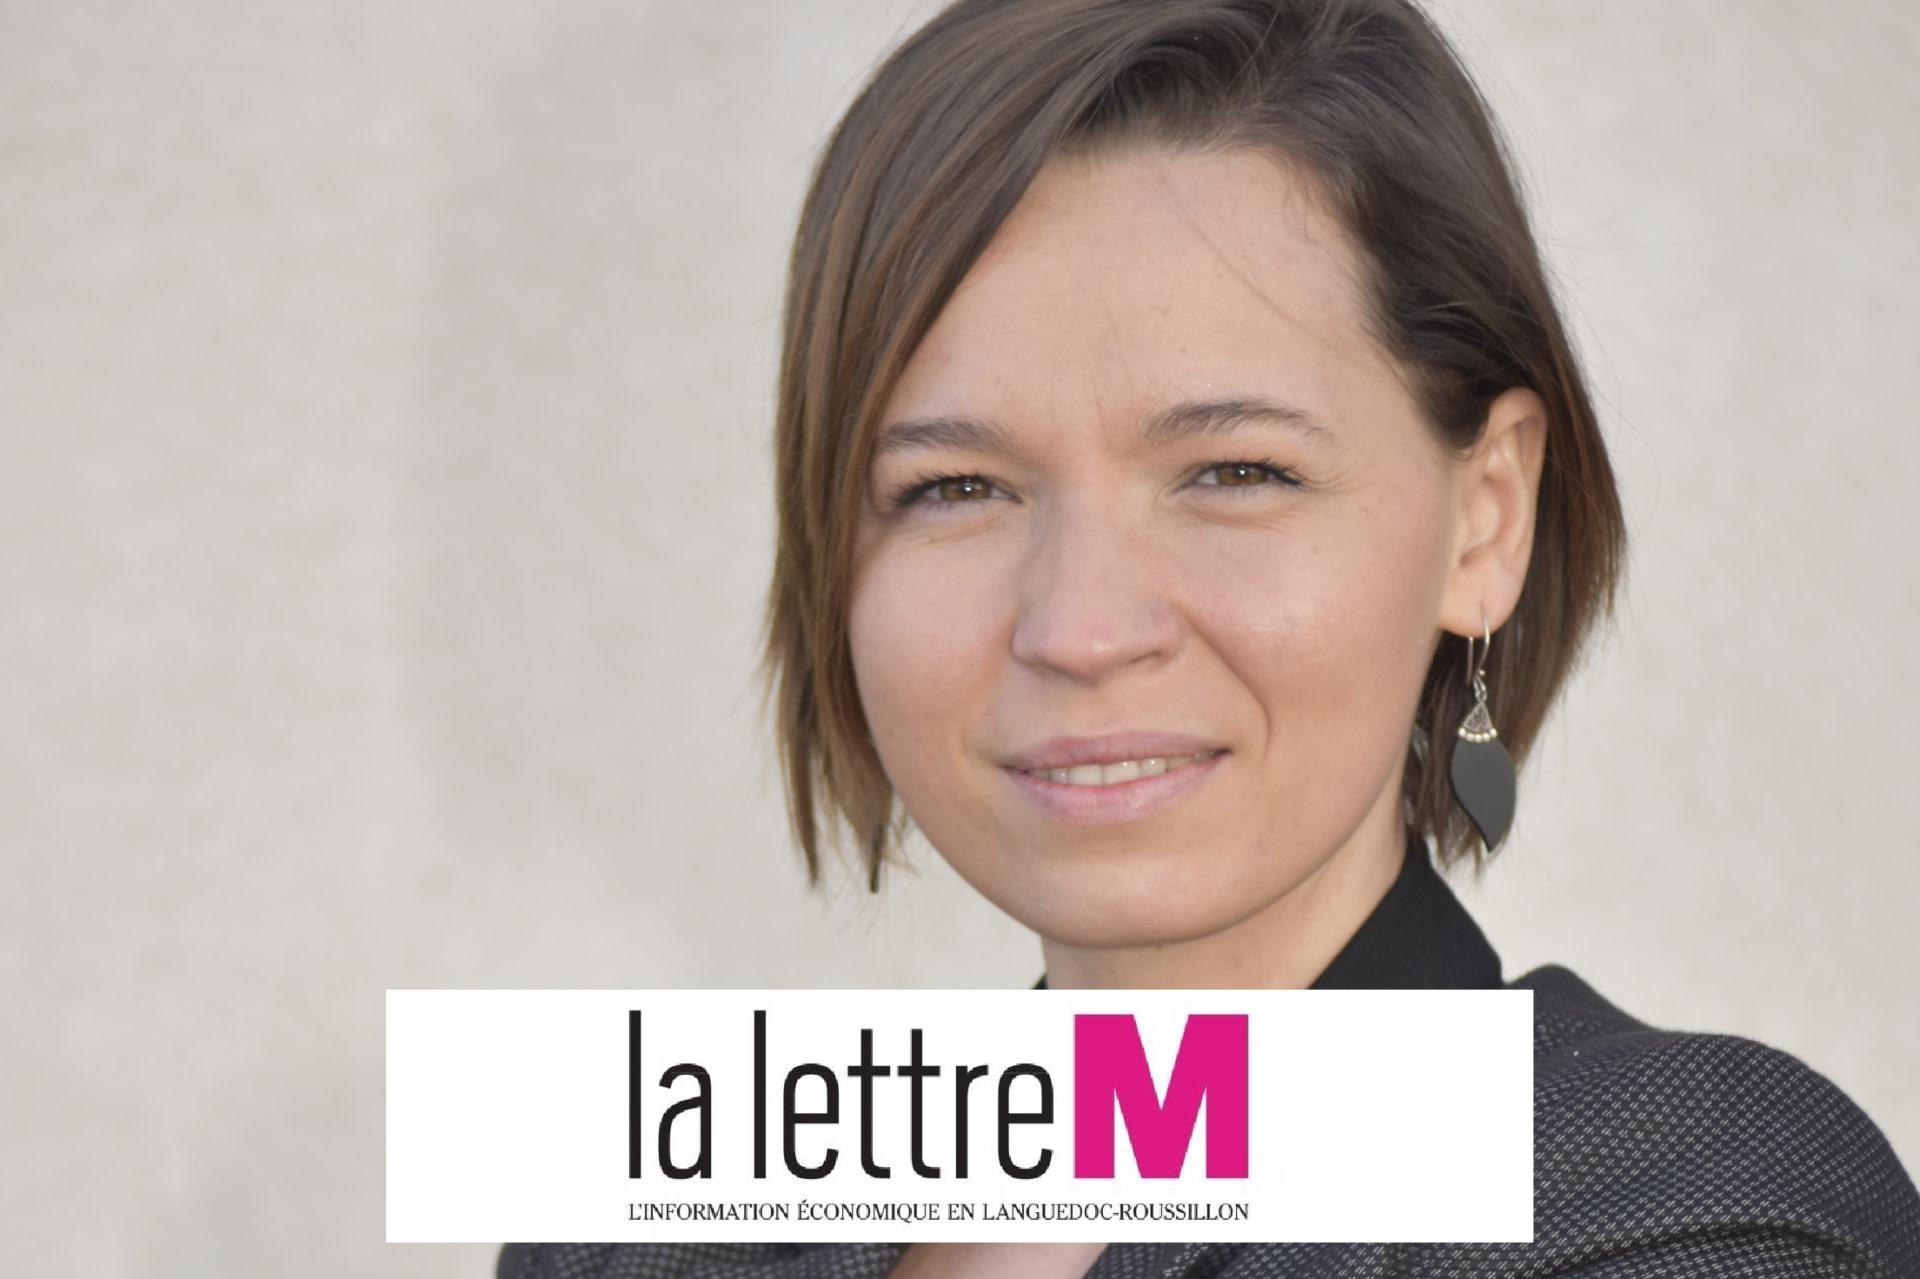 Mathilde Perraud